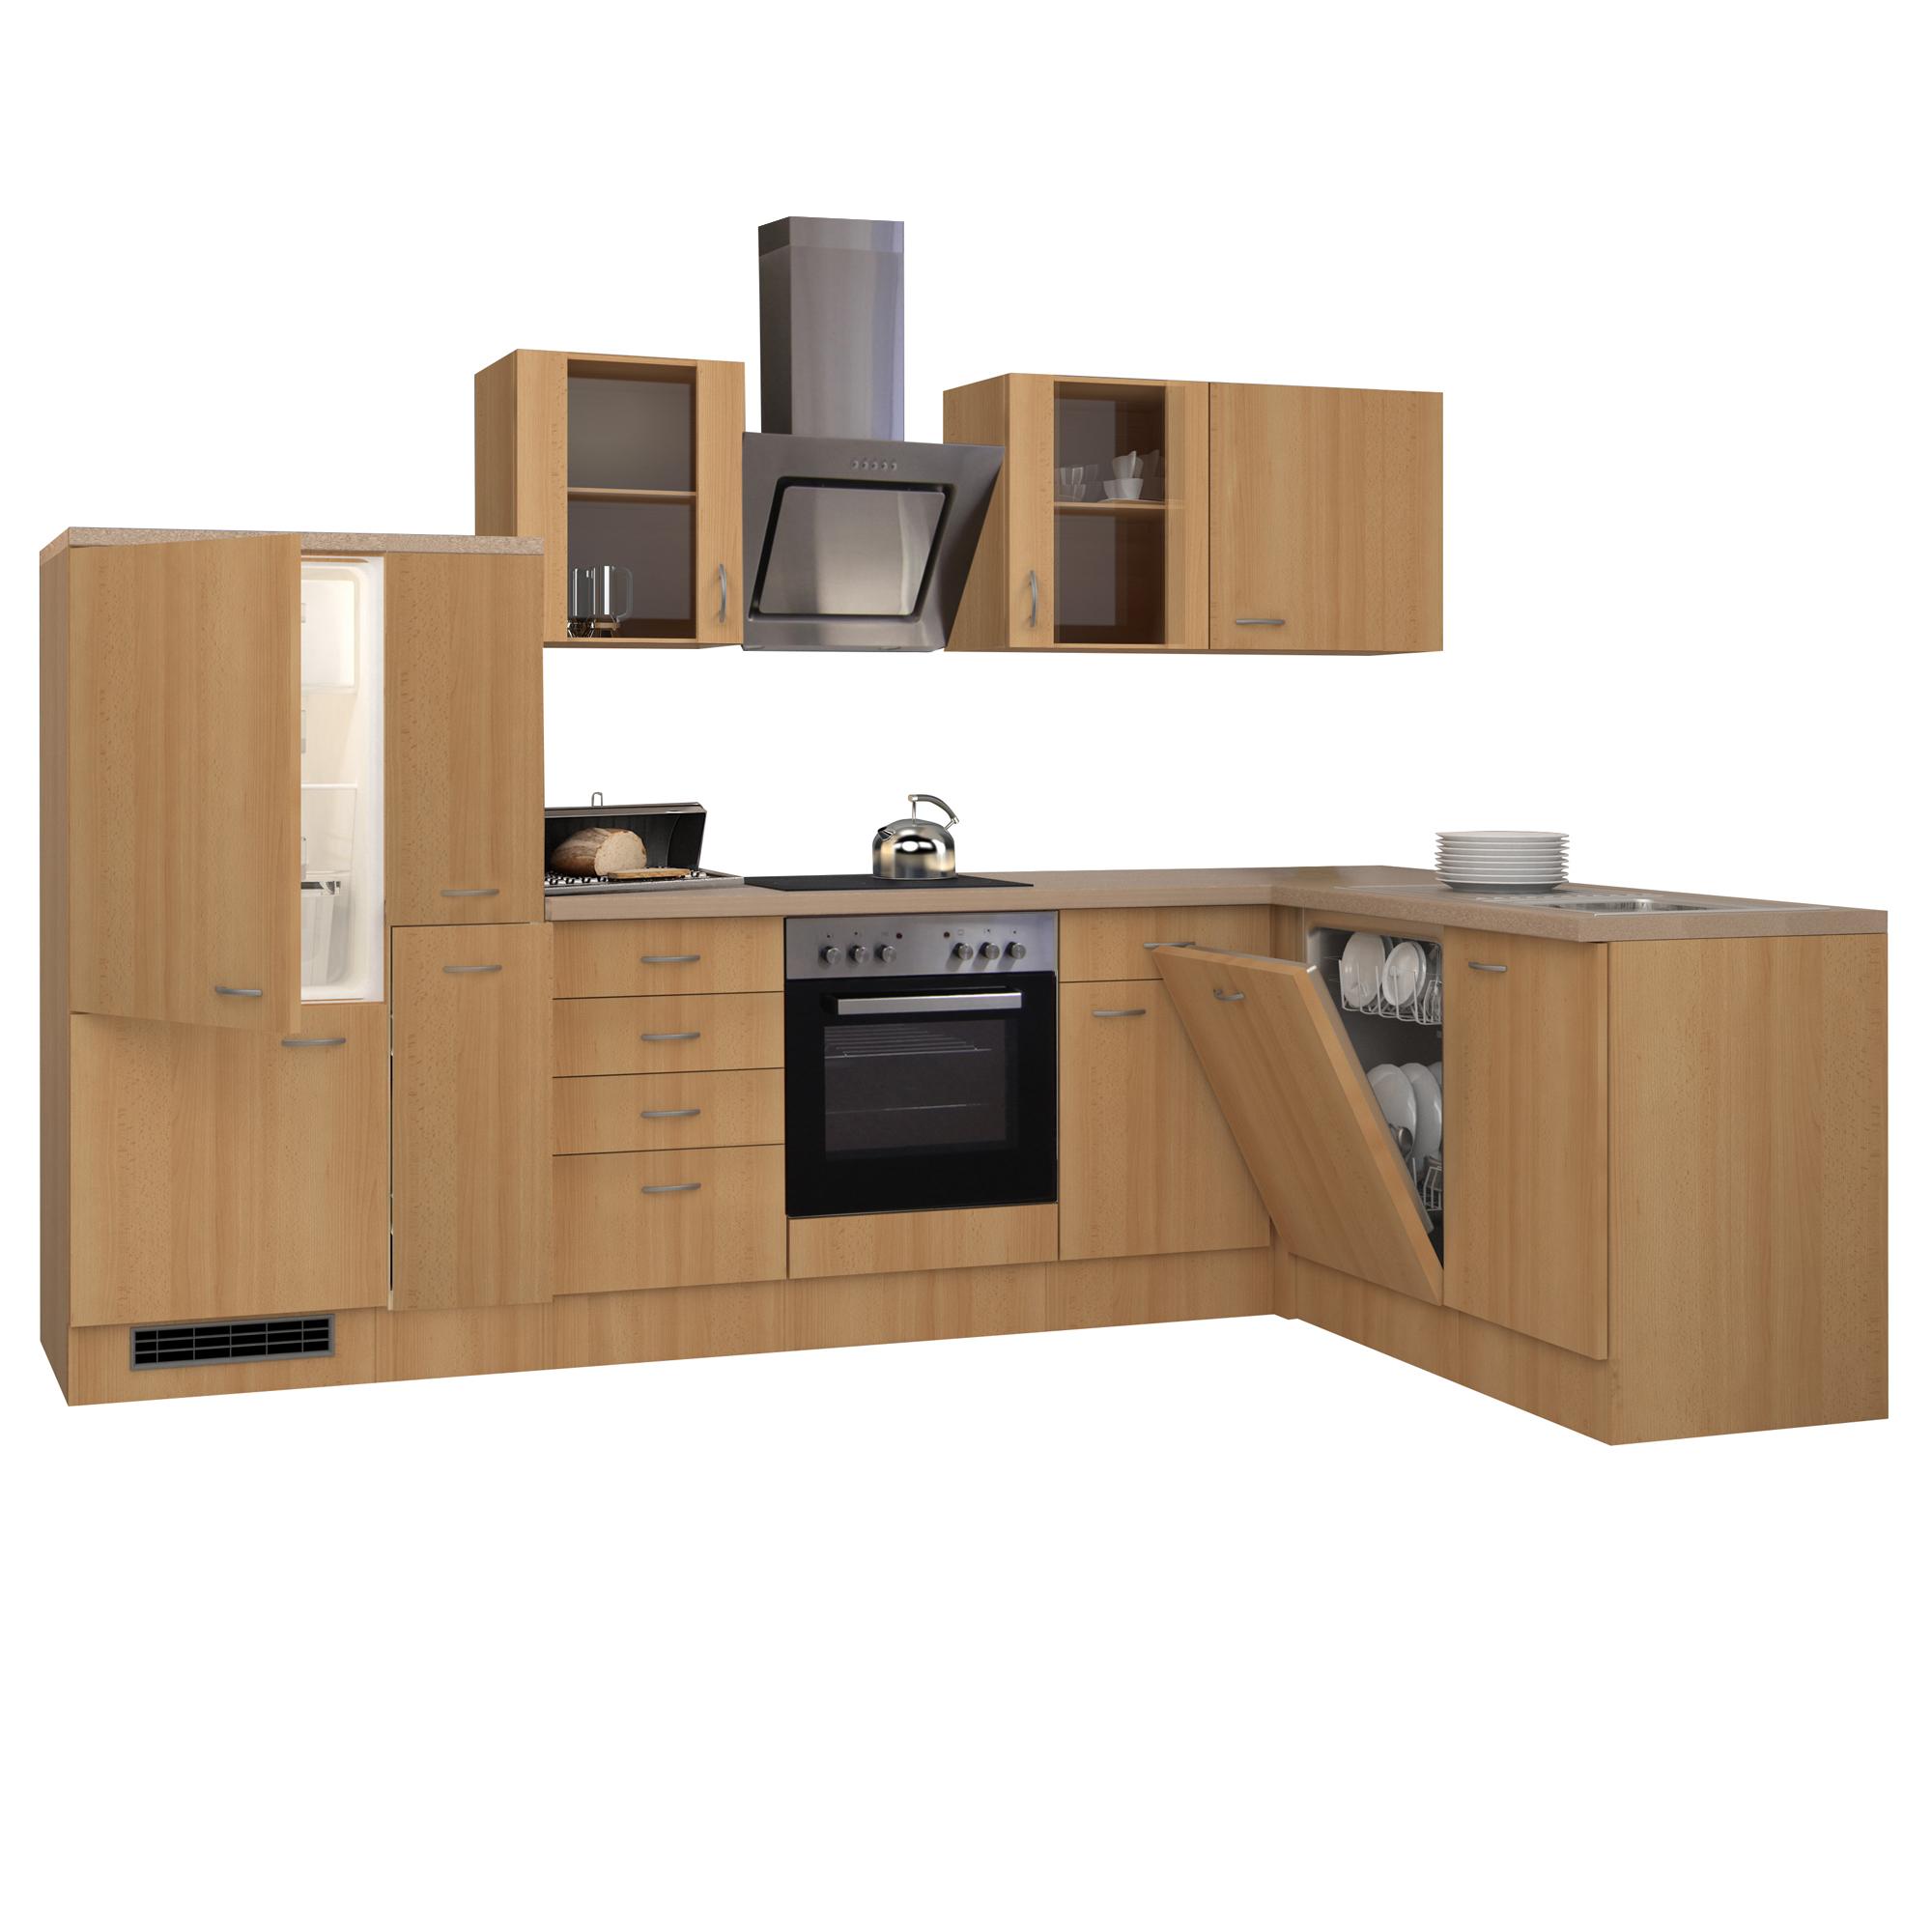 eckk che nano k che mit e ger ten breite 310 x 170 cm buche k che k chenzeilen. Black Bedroom Furniture Sets. Home Design Ideas